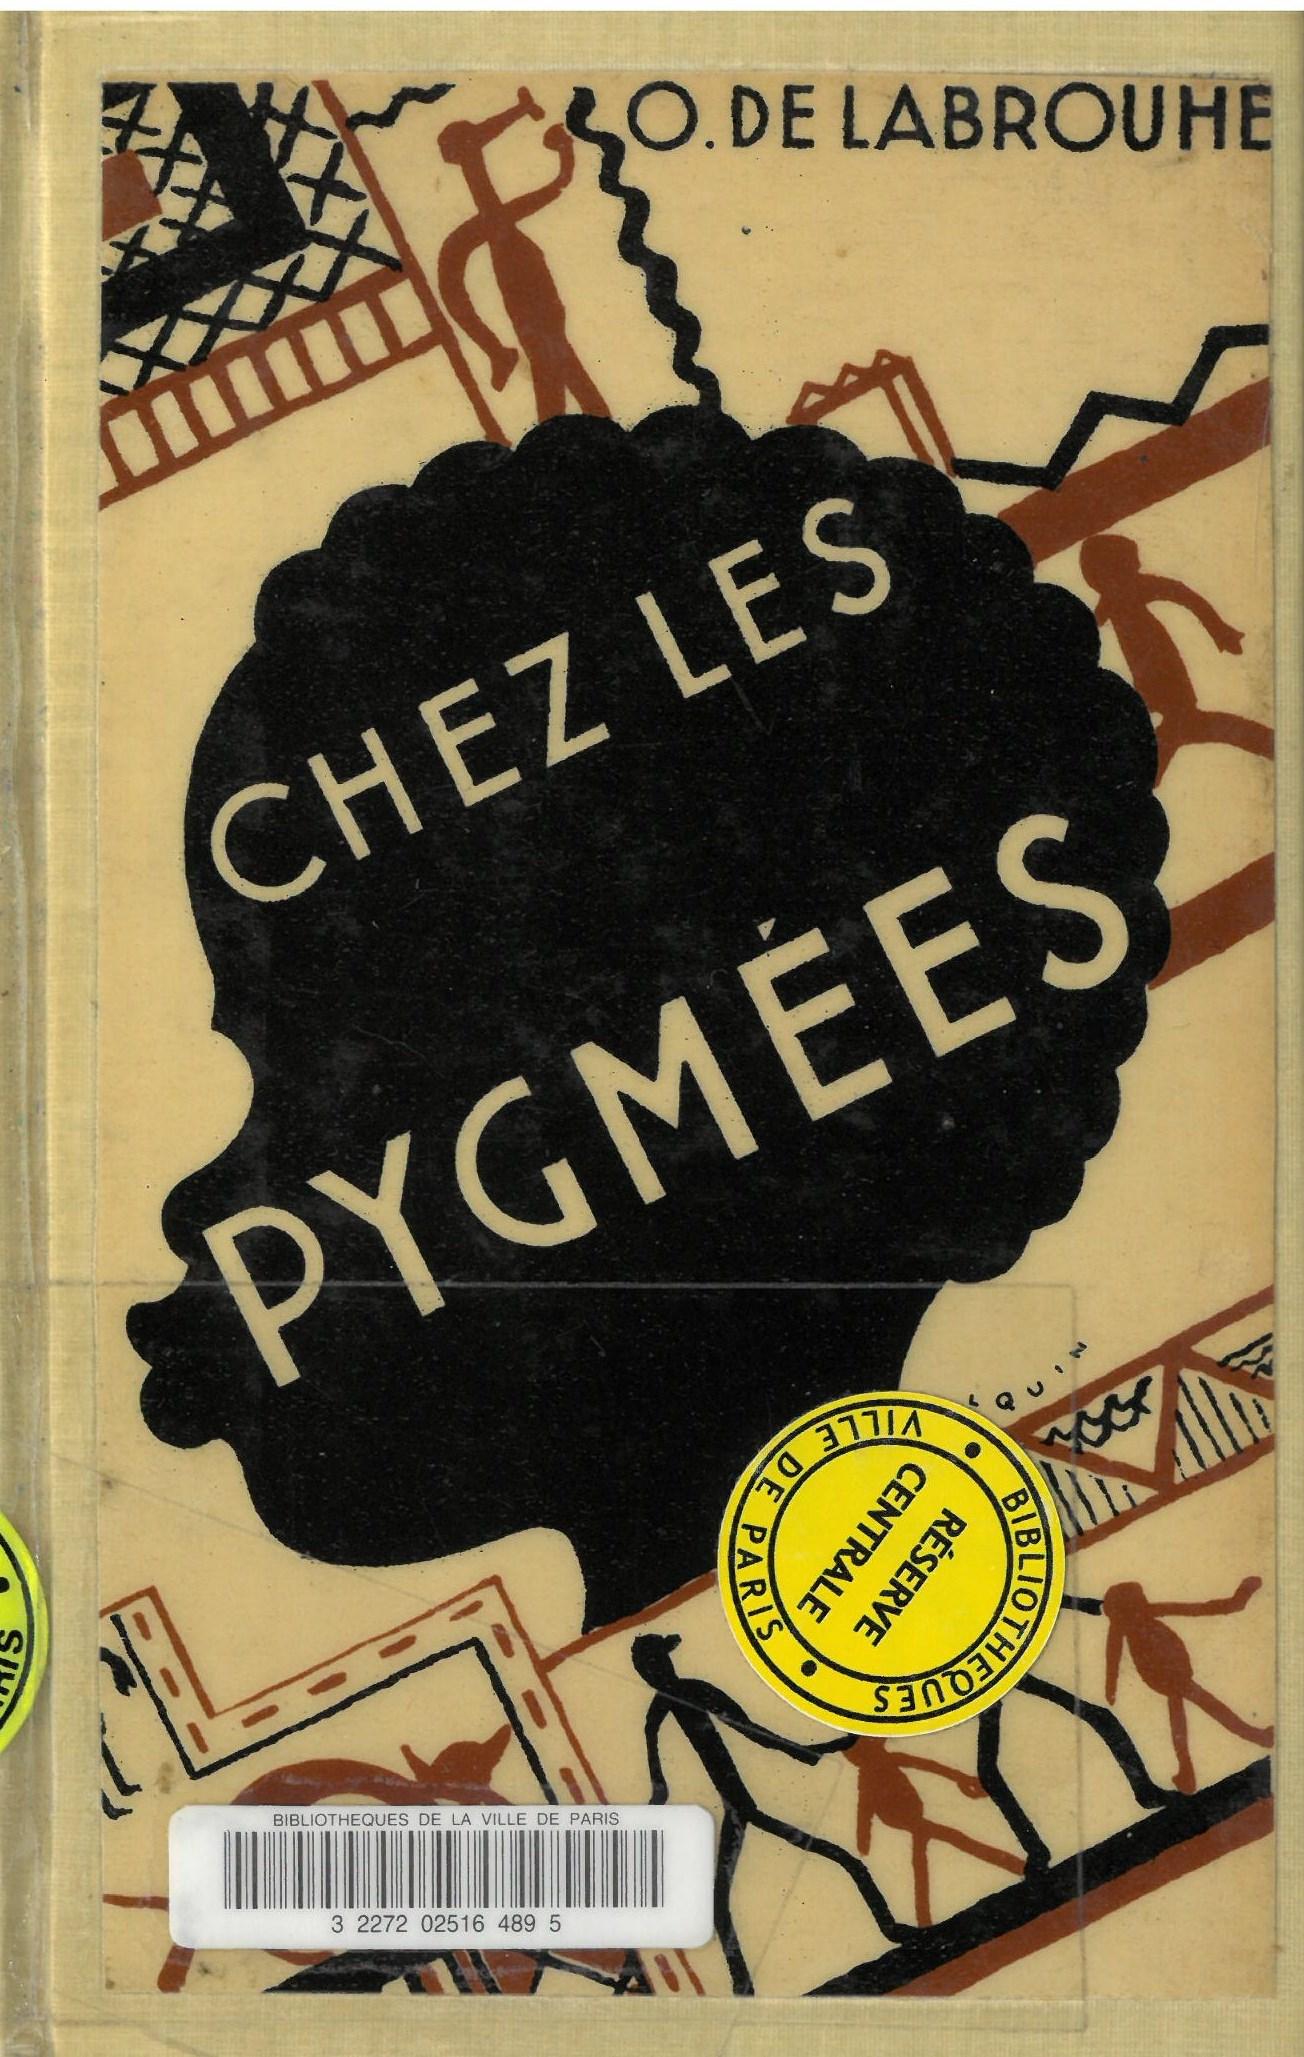 Chez les pygmées   O. de Labrouhe